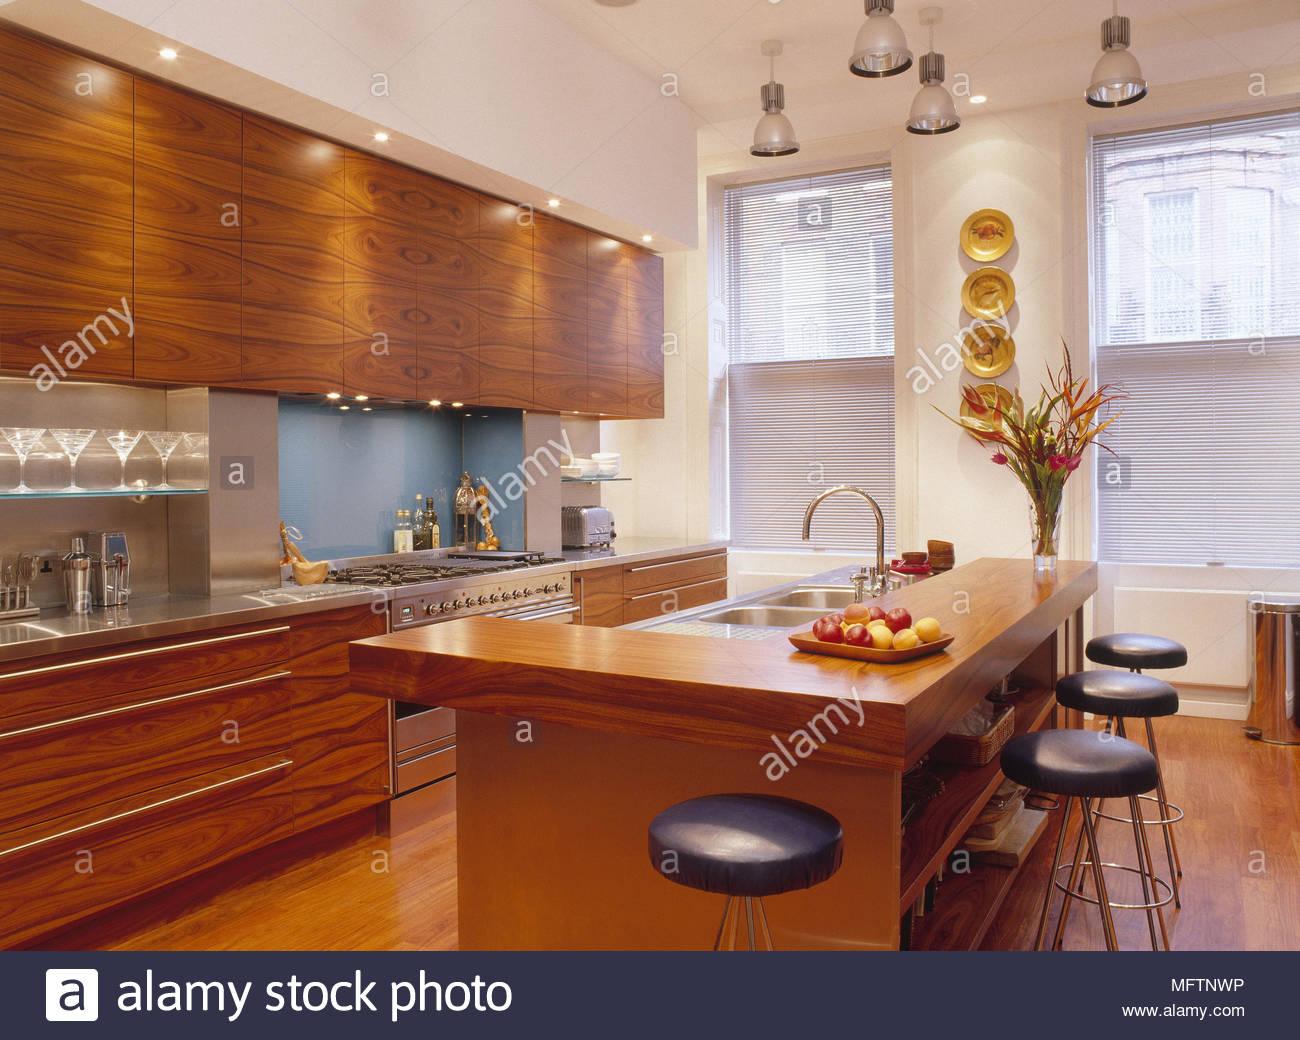 Großartig Küche Design Ideen Mit Frühstücksbar Bilder ...